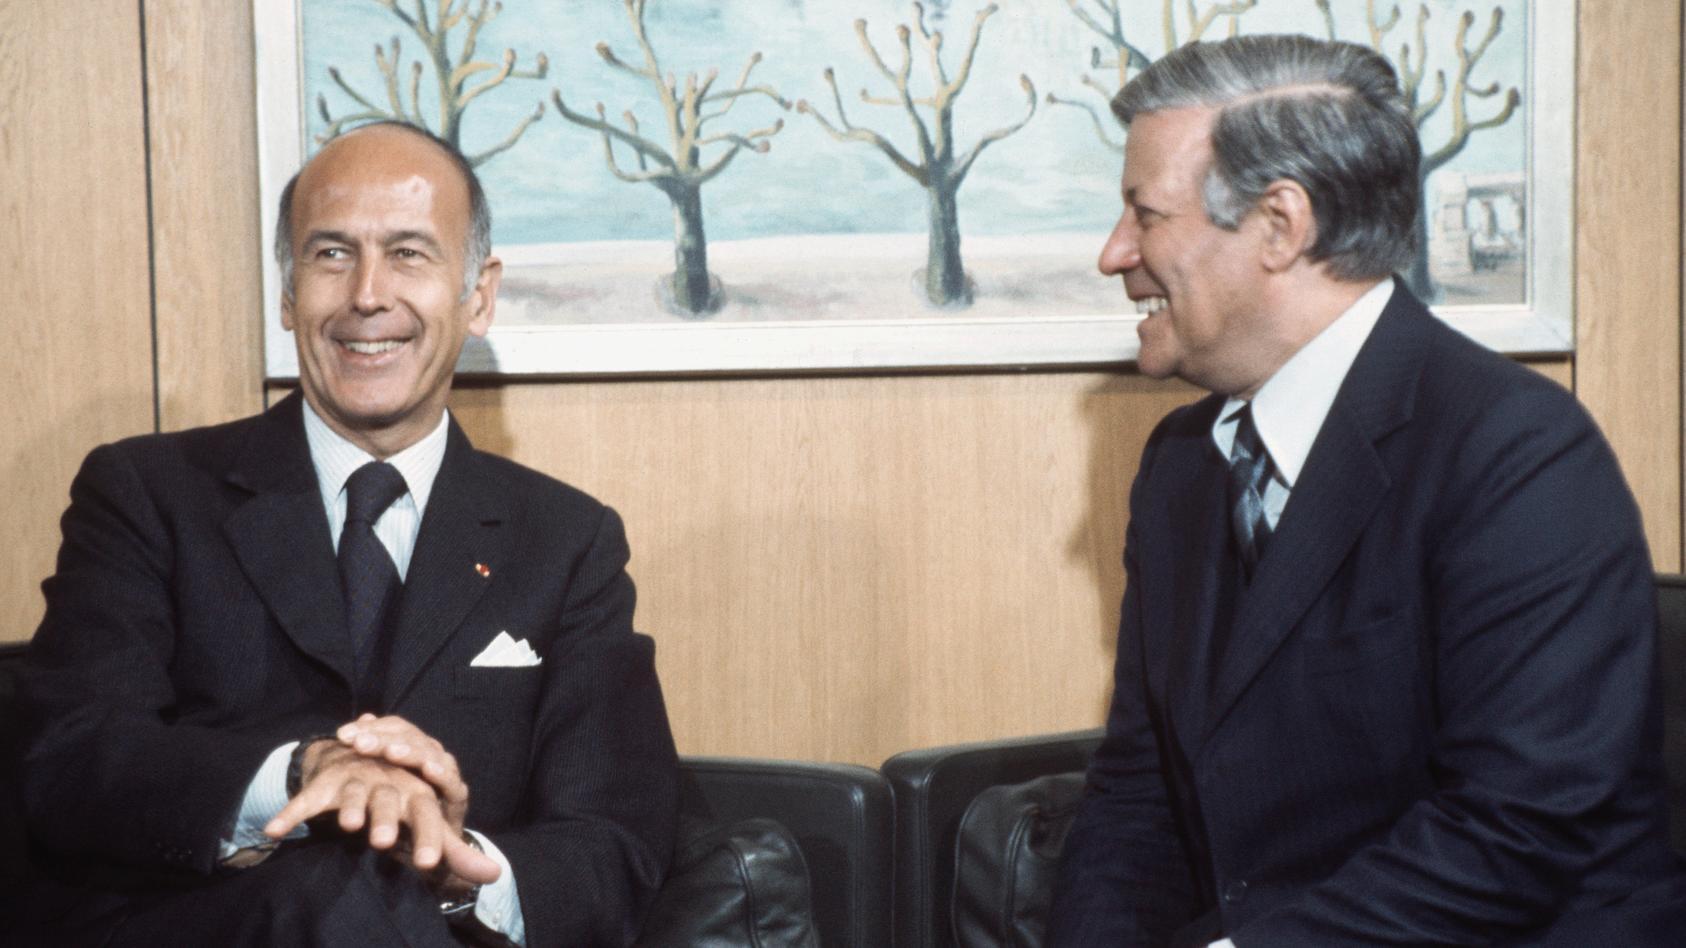 Bundeskanzler Schmidt und Valéry Giscard d'Estaing in Bonn